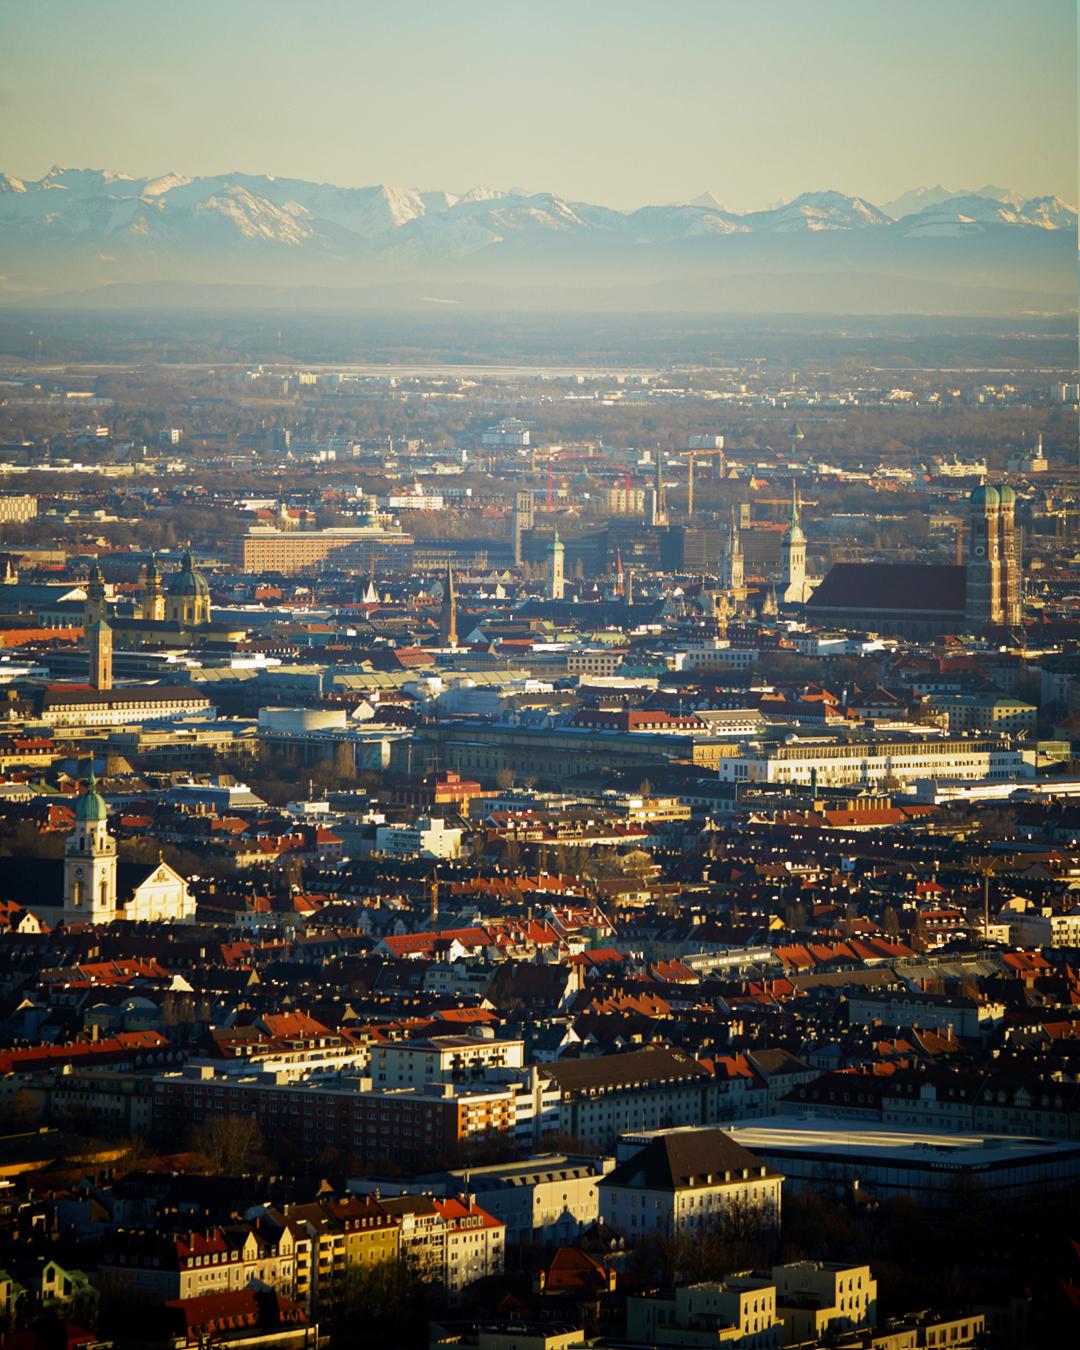 München bei Föhn mit Alpenblick bei Föhnwetter